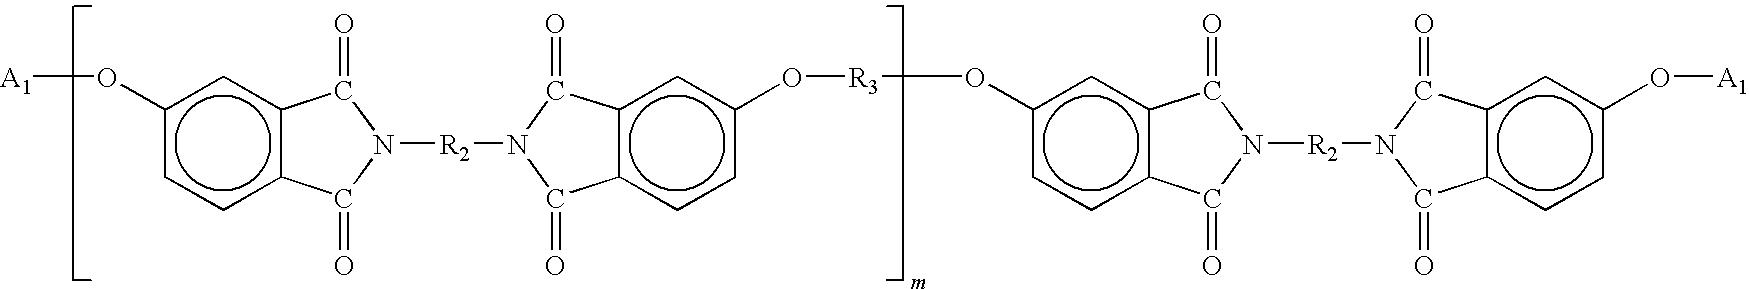 Figure US20100204412A1-20100812-C00033